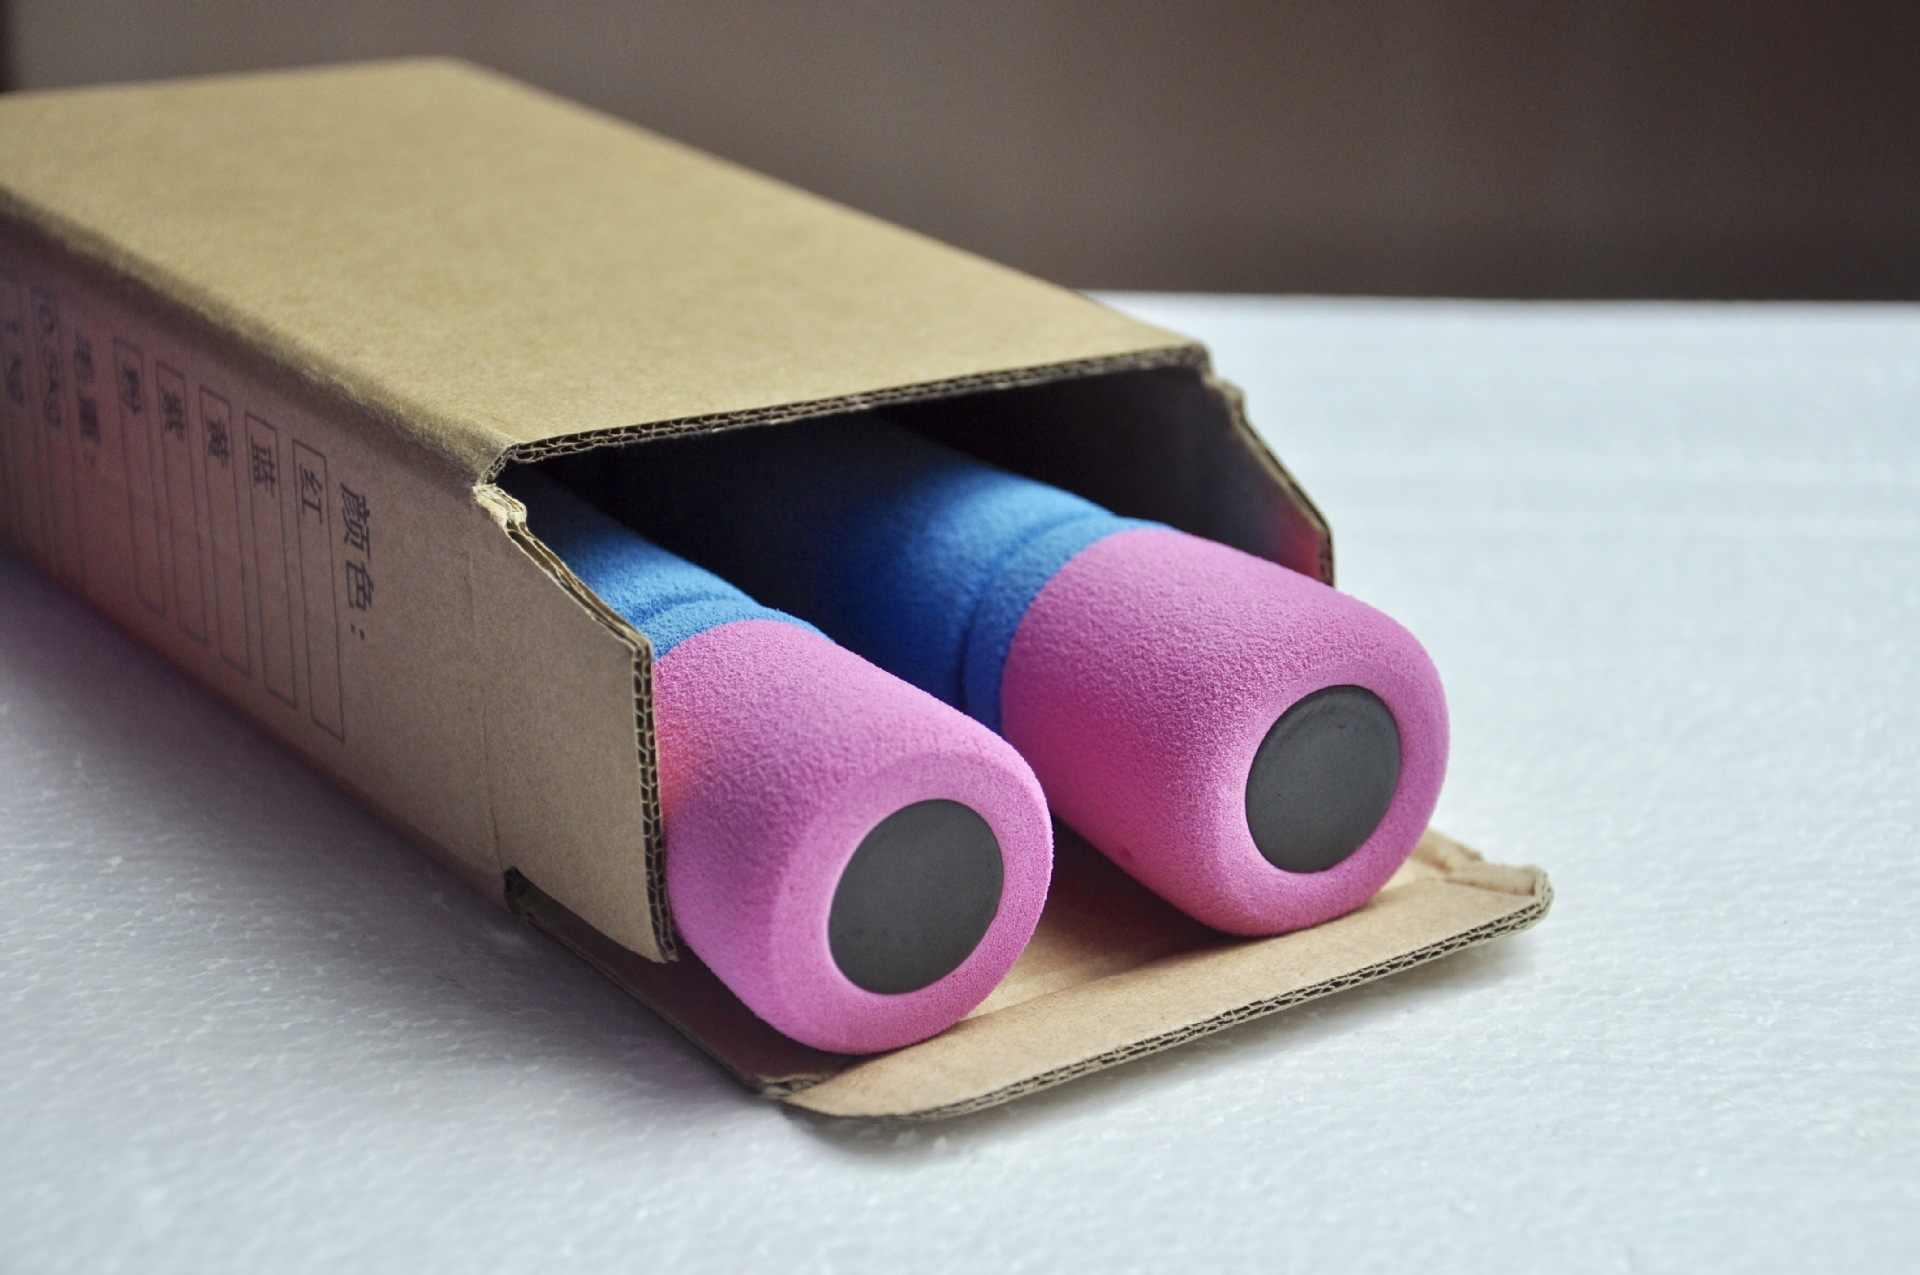 1 piezas 0,5 kg capa exterior es de esponja de hierro fundido damas Fitness mancuernas equipo portátil ejercicio viajes al aire libre con mancuernas